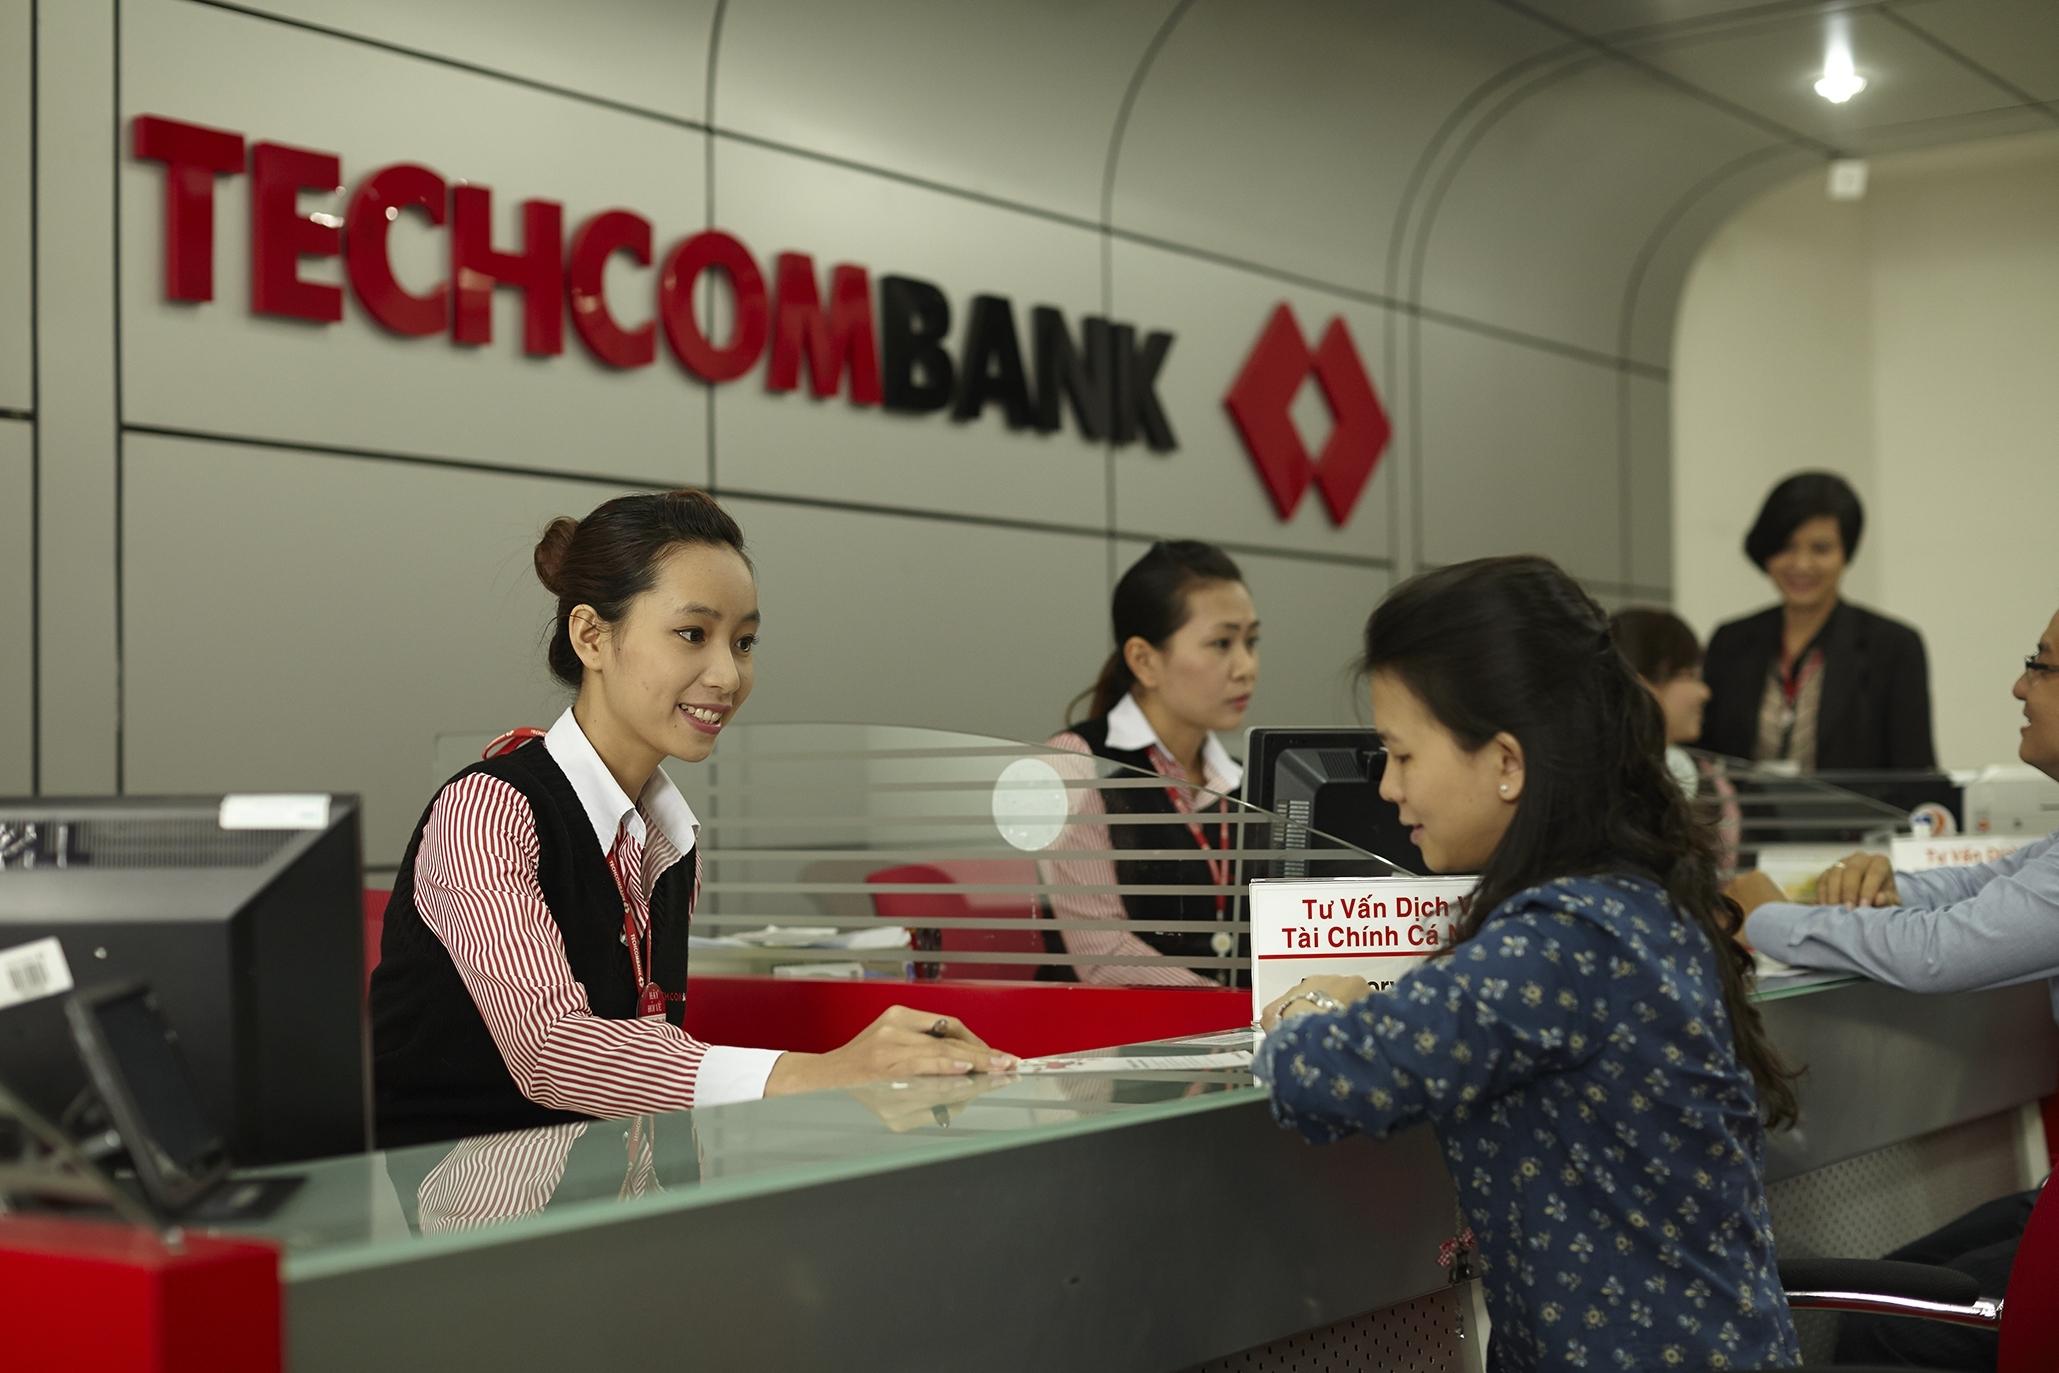 Techcombank đã chi hơn 4,000 tỷ đồng mua lại 19.4% vốn làm cổ phiếu quỹ từ HSBC?